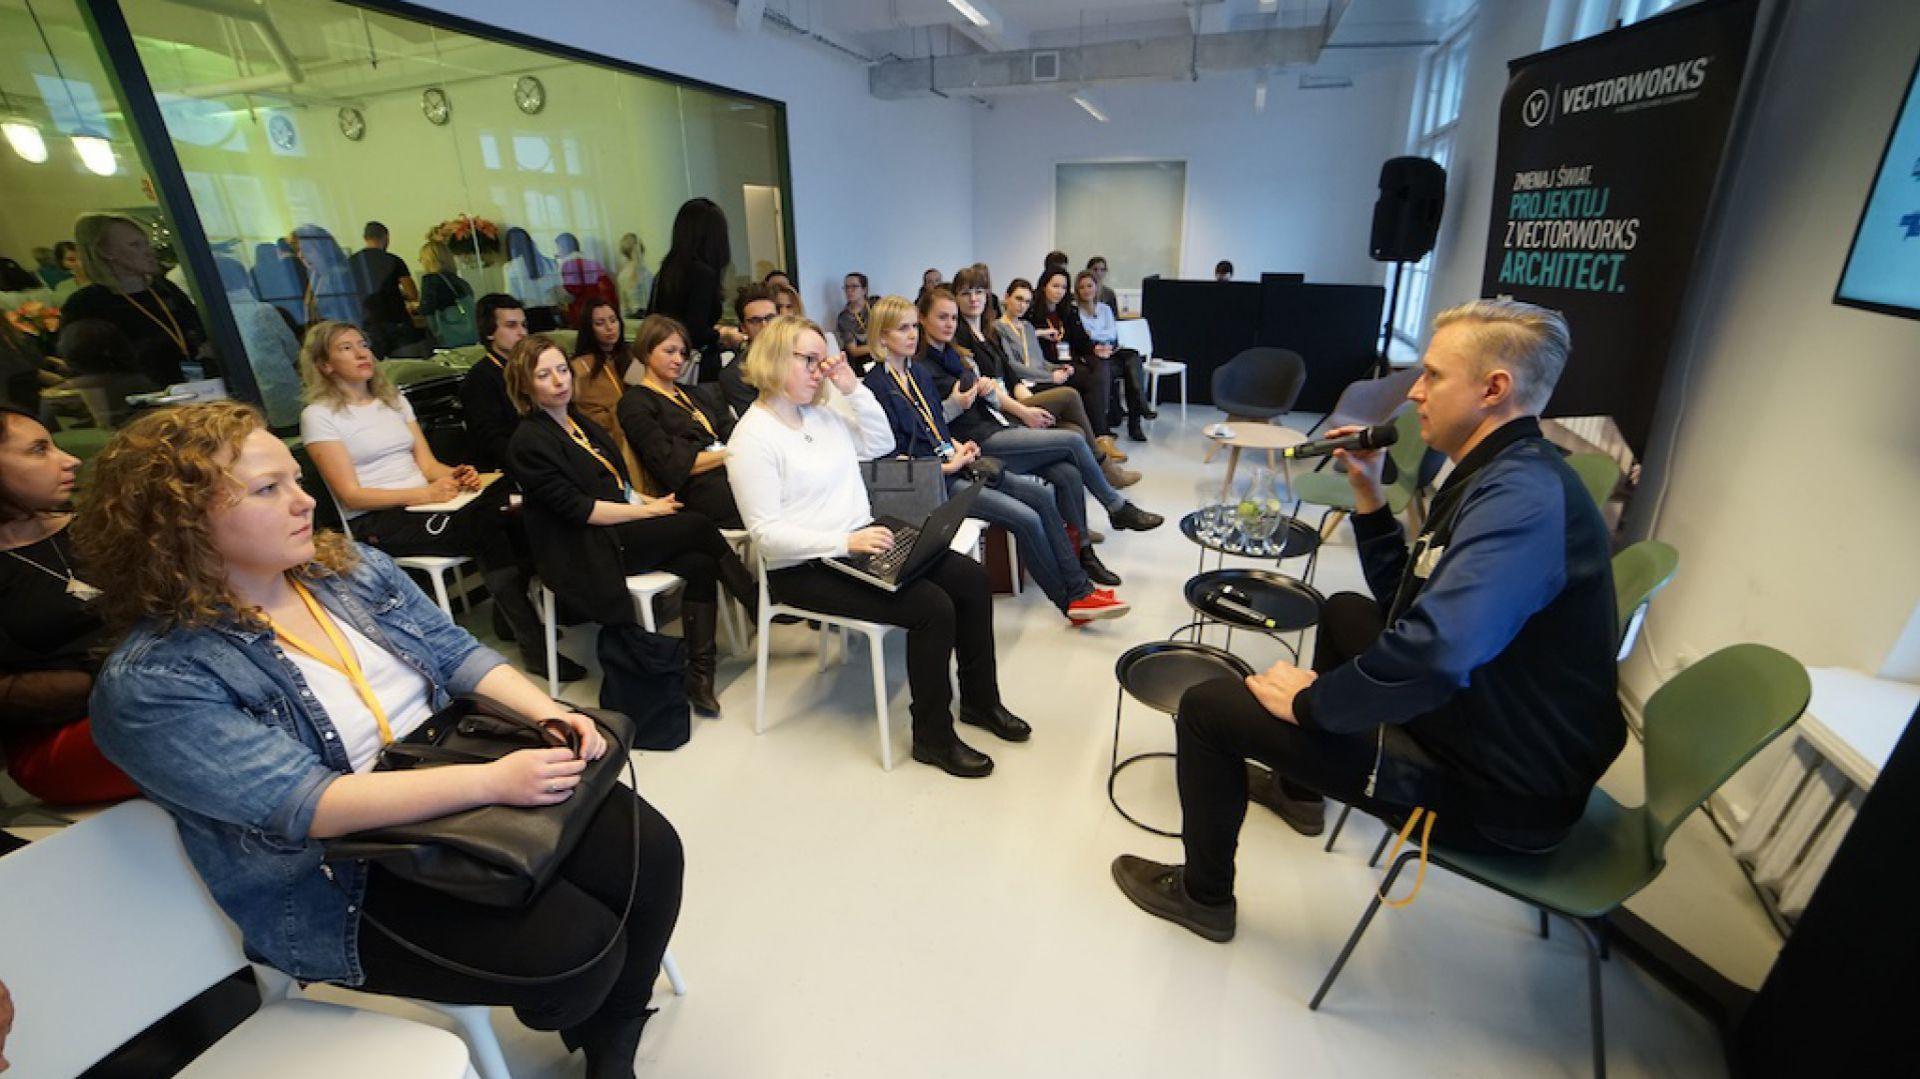 v-forum-dobrego-designu-design-workshop-3.jpg